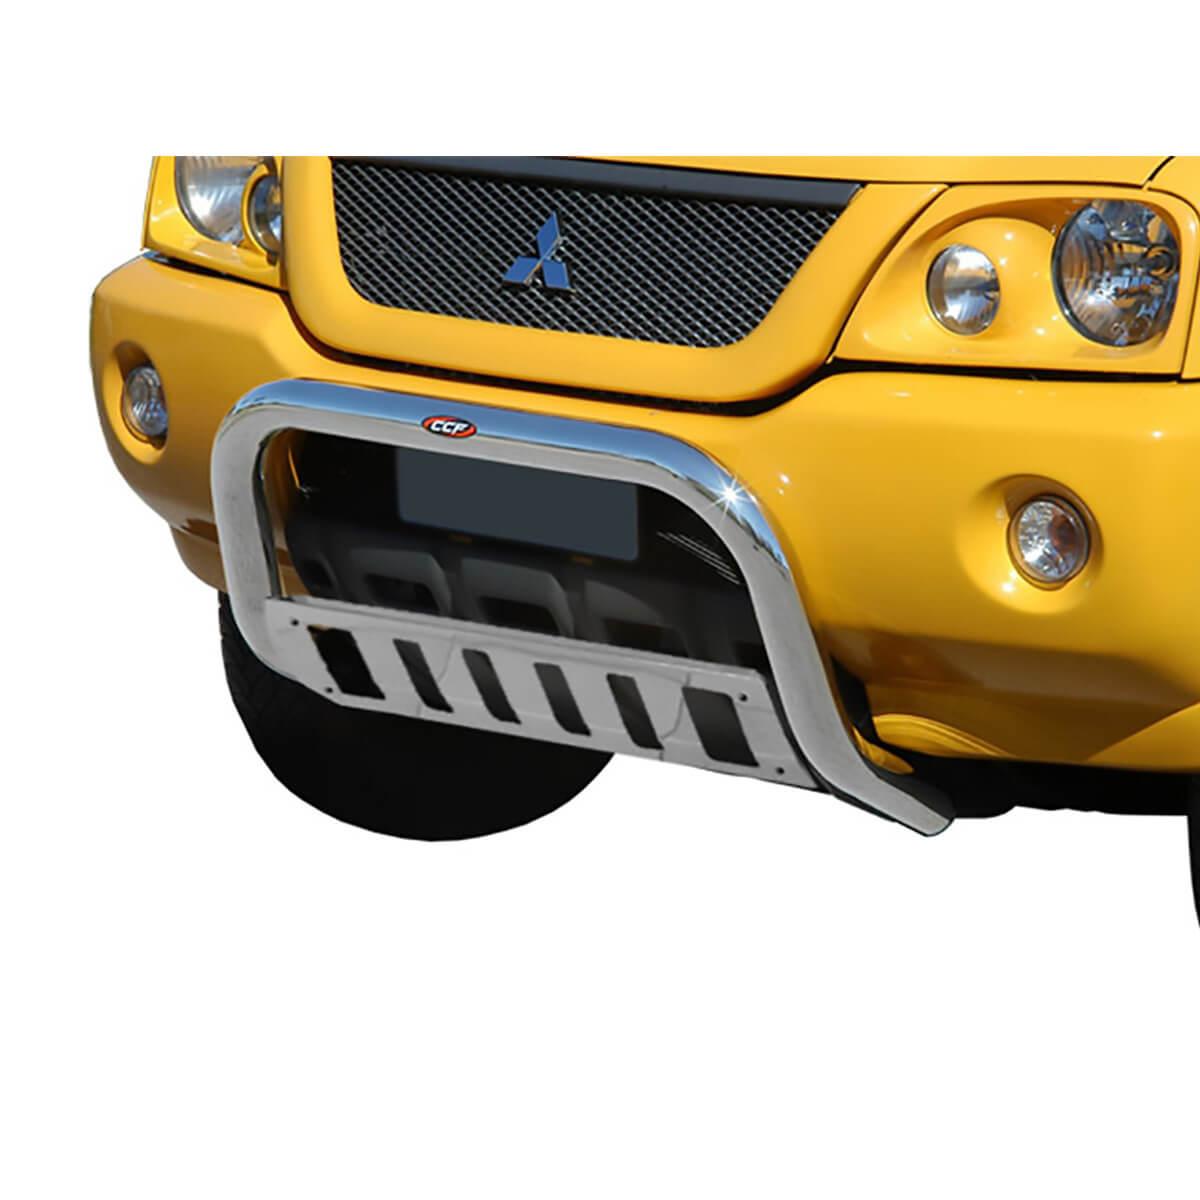 Parachoque impulsão cromado L200 Sport 2004 a 2007 ou L200 Outdoor 2007 a 2012